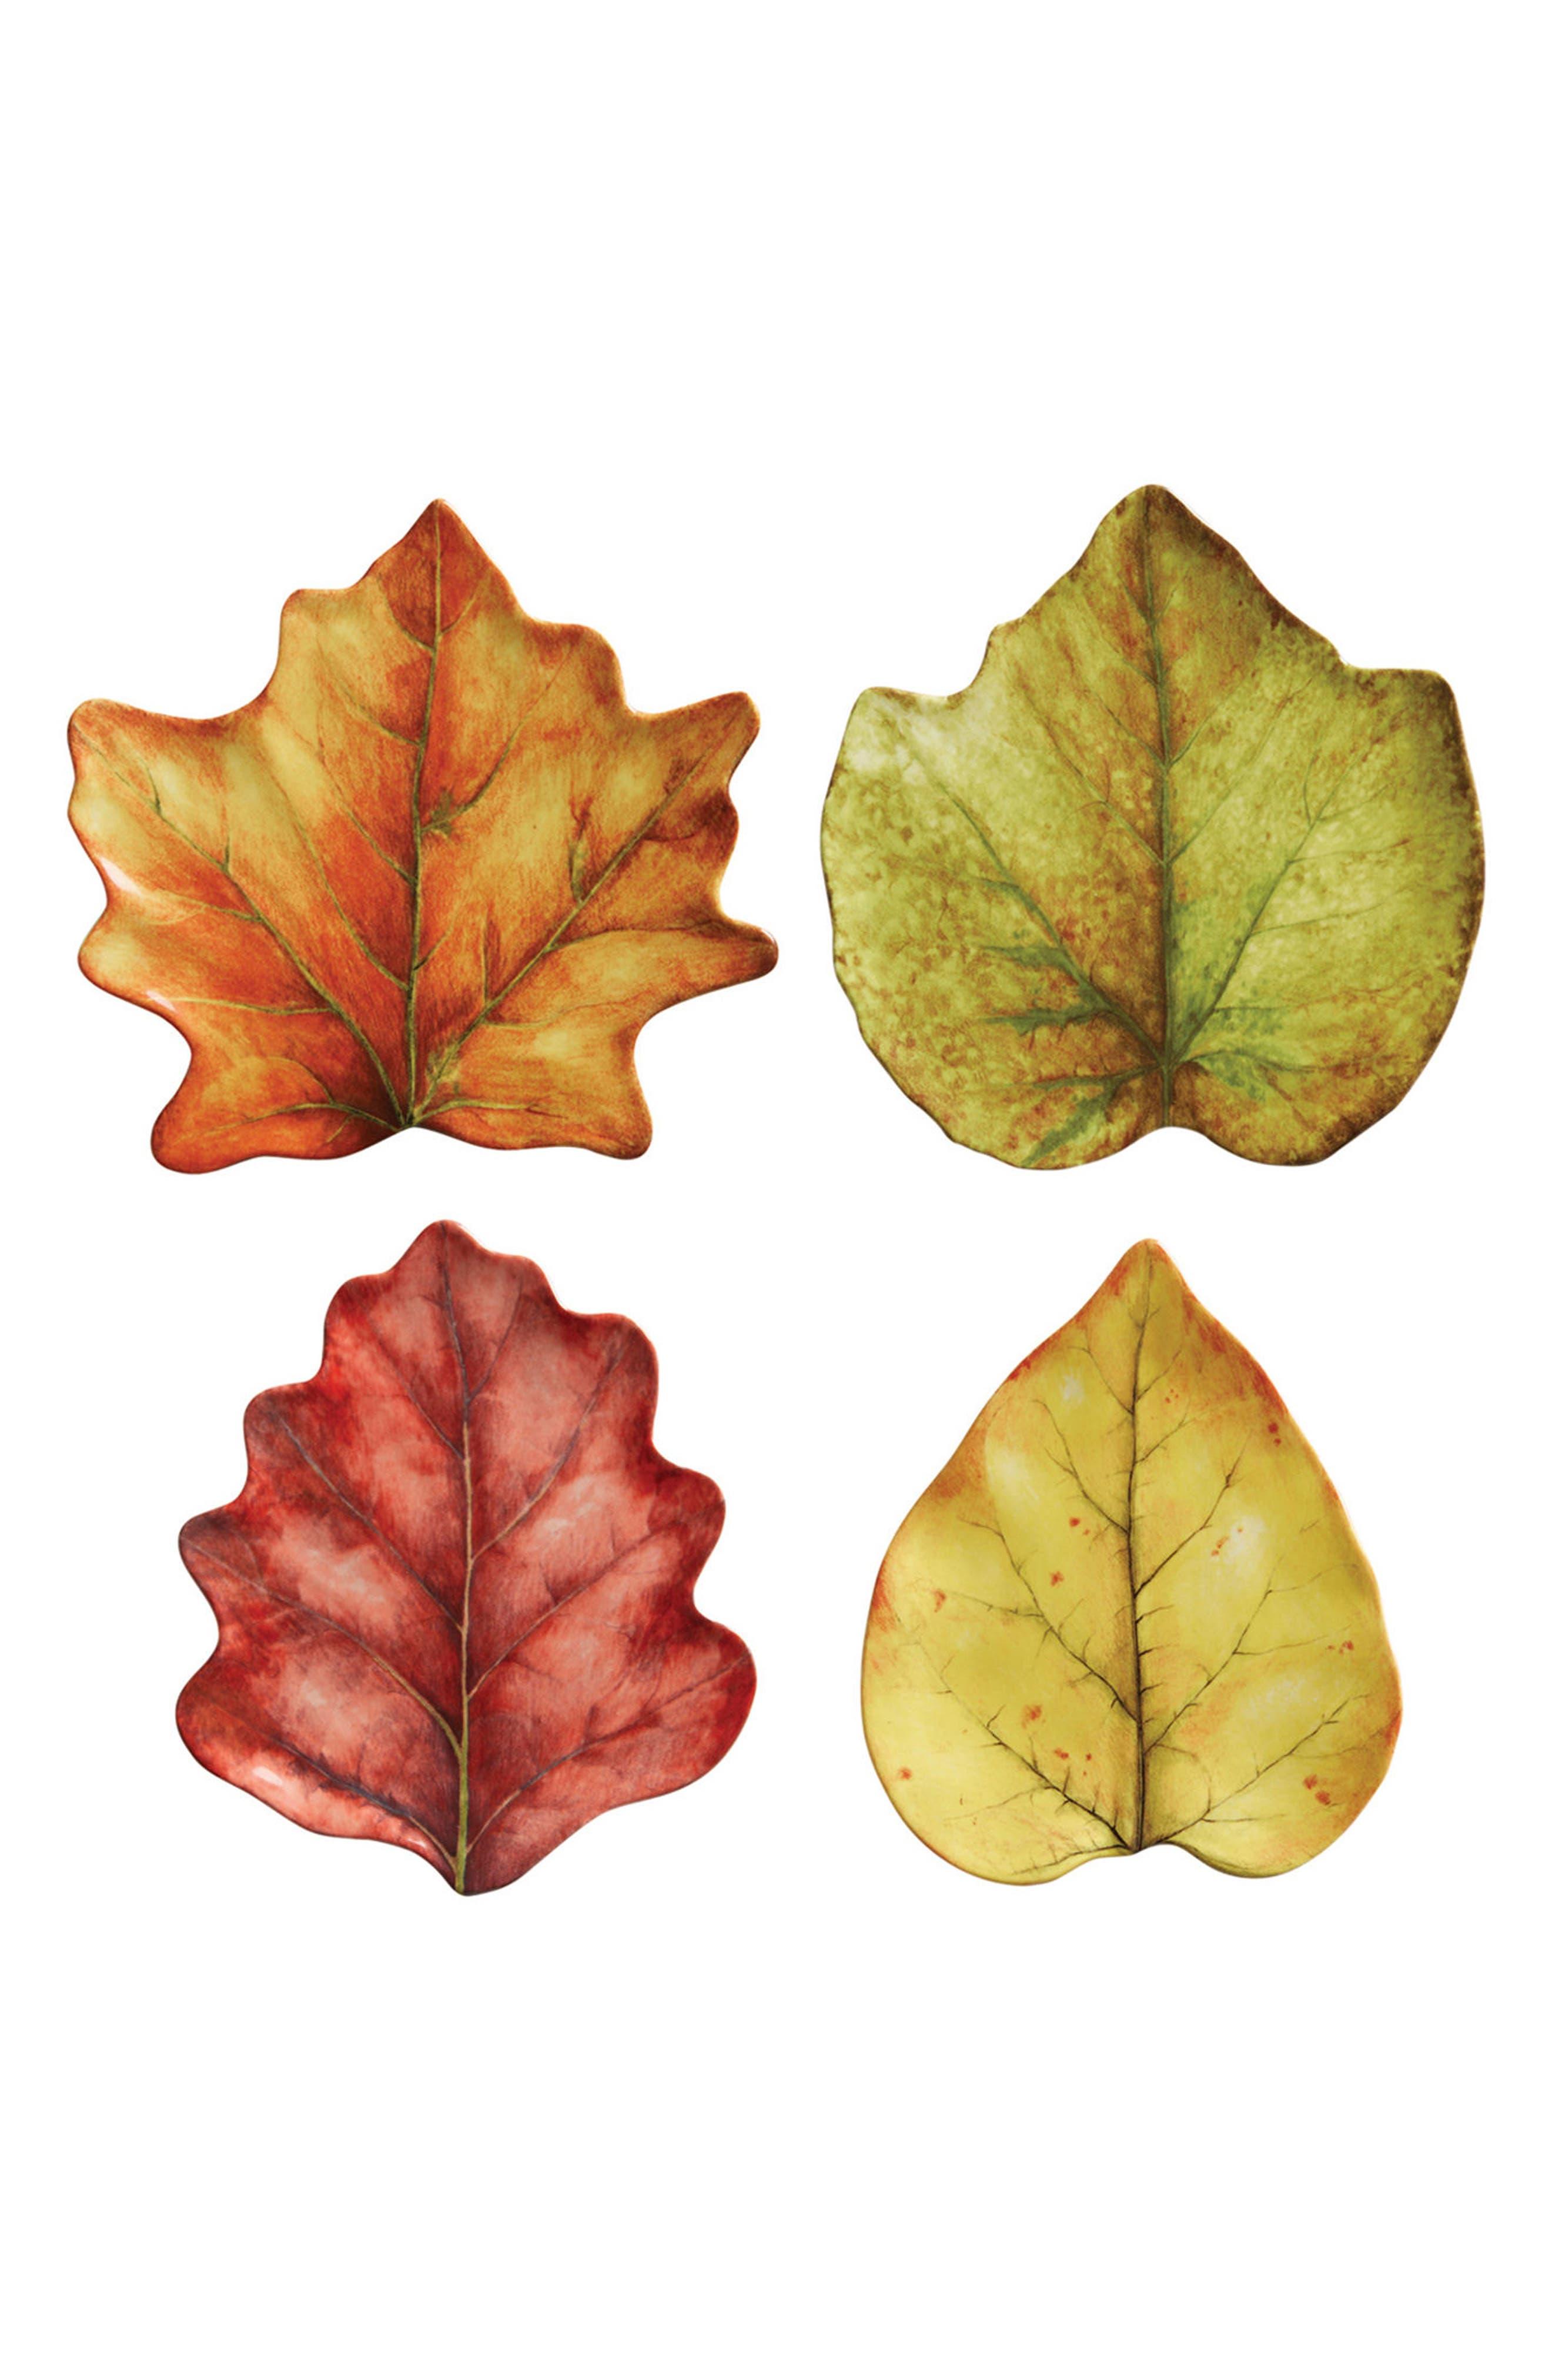 Forest Walk Set of 4 Leaf Plates,                             Main thumbnail 1, color,                             CAF AU LAIT